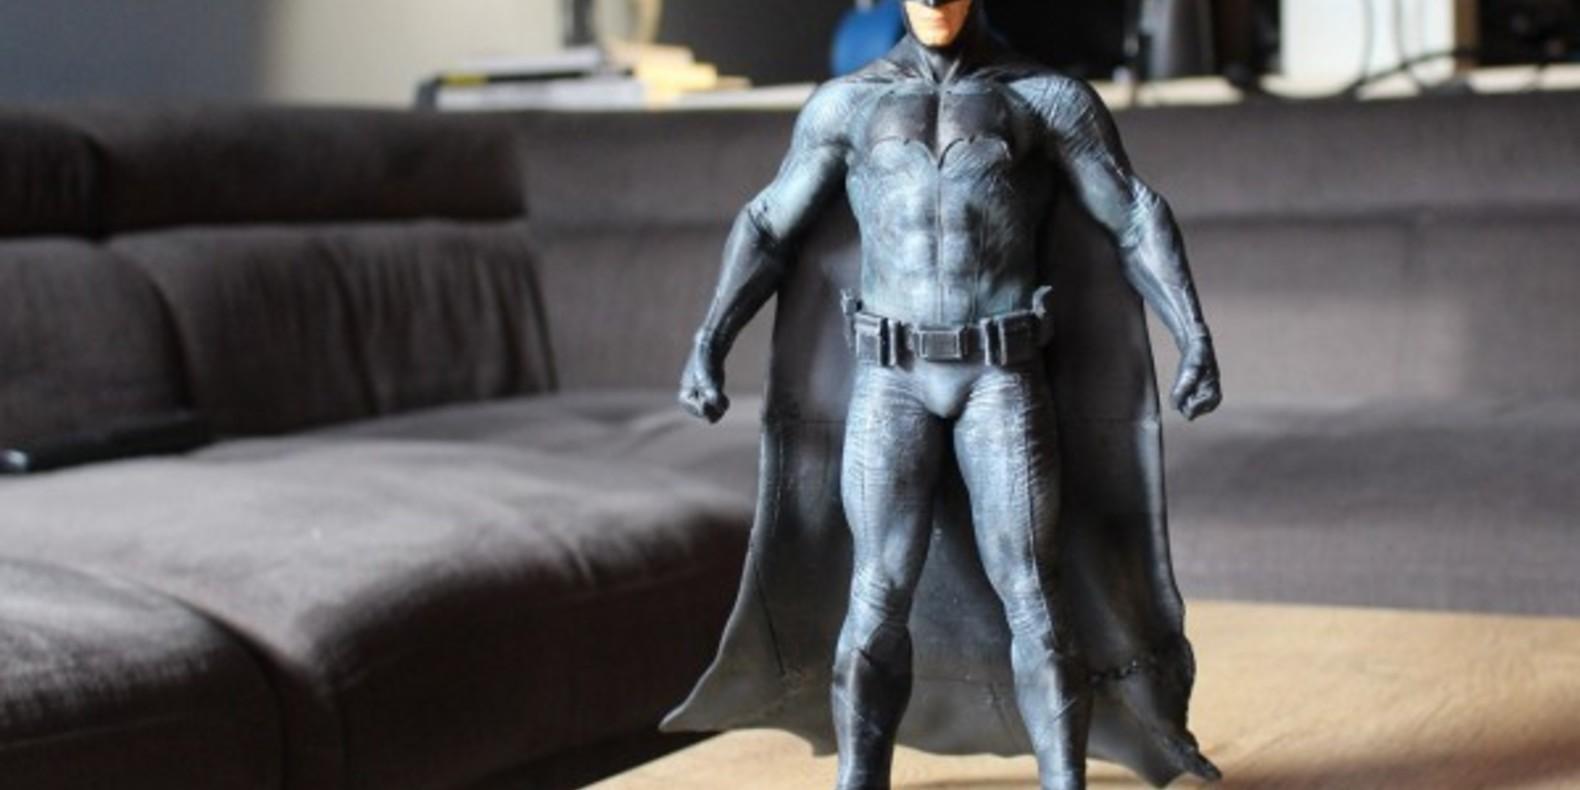 http://fichier3d.fr/wp-content/uploads/2016/02/Batman-vs-superman-ben-affleck-figurine-imprimée-en-3D-statuette-figure-tutus-cults-stl-fichier-3D-1.jpg